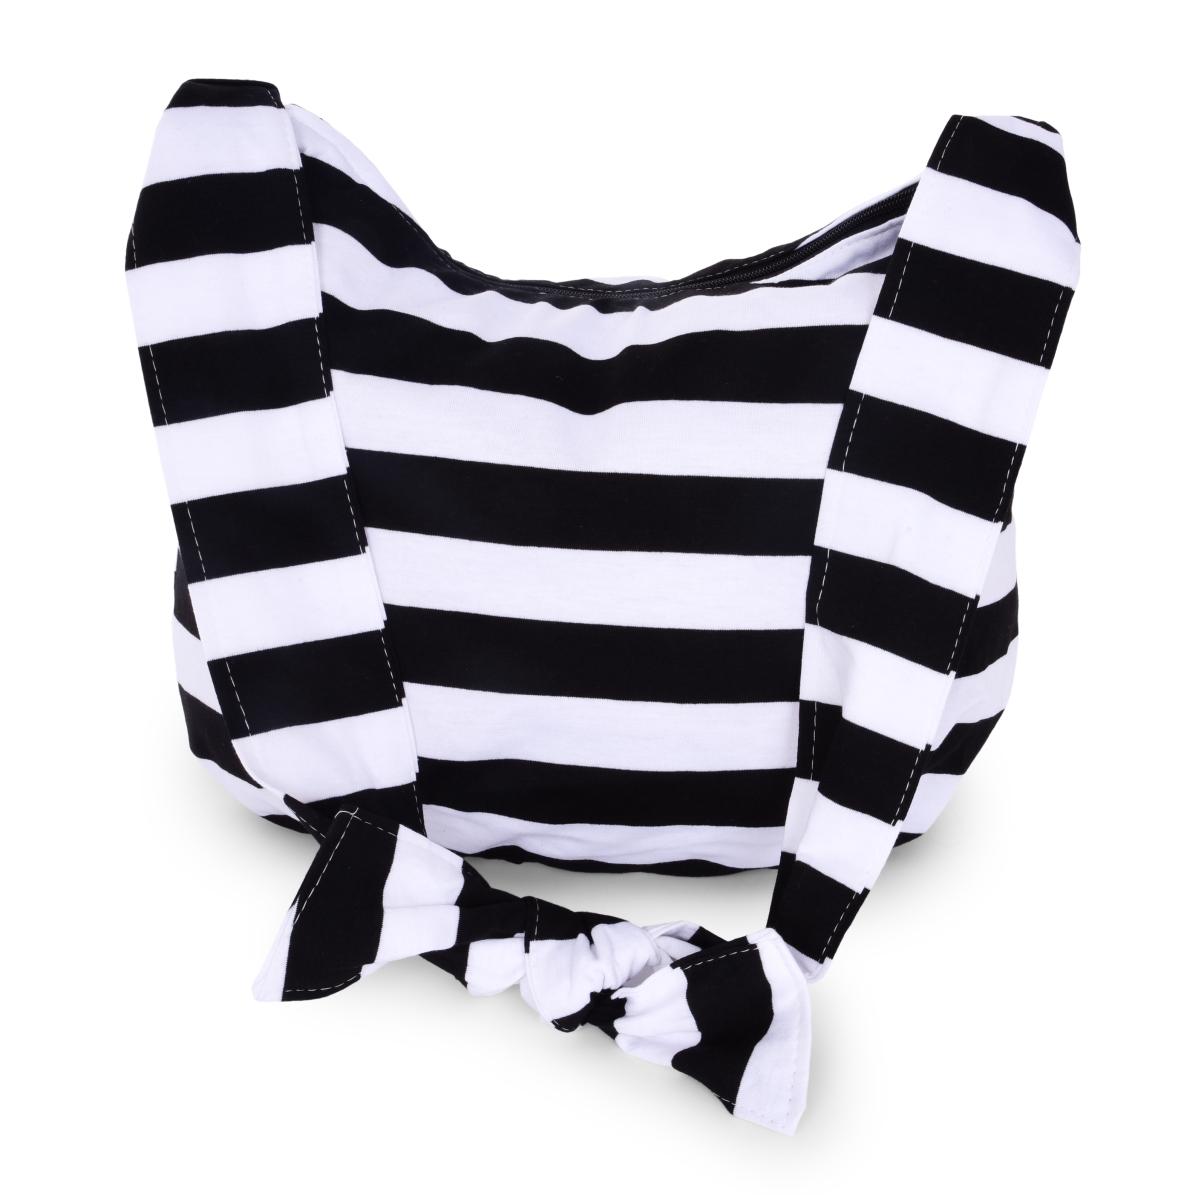 STRIPES pruhovaná textilní kabelka  black & white